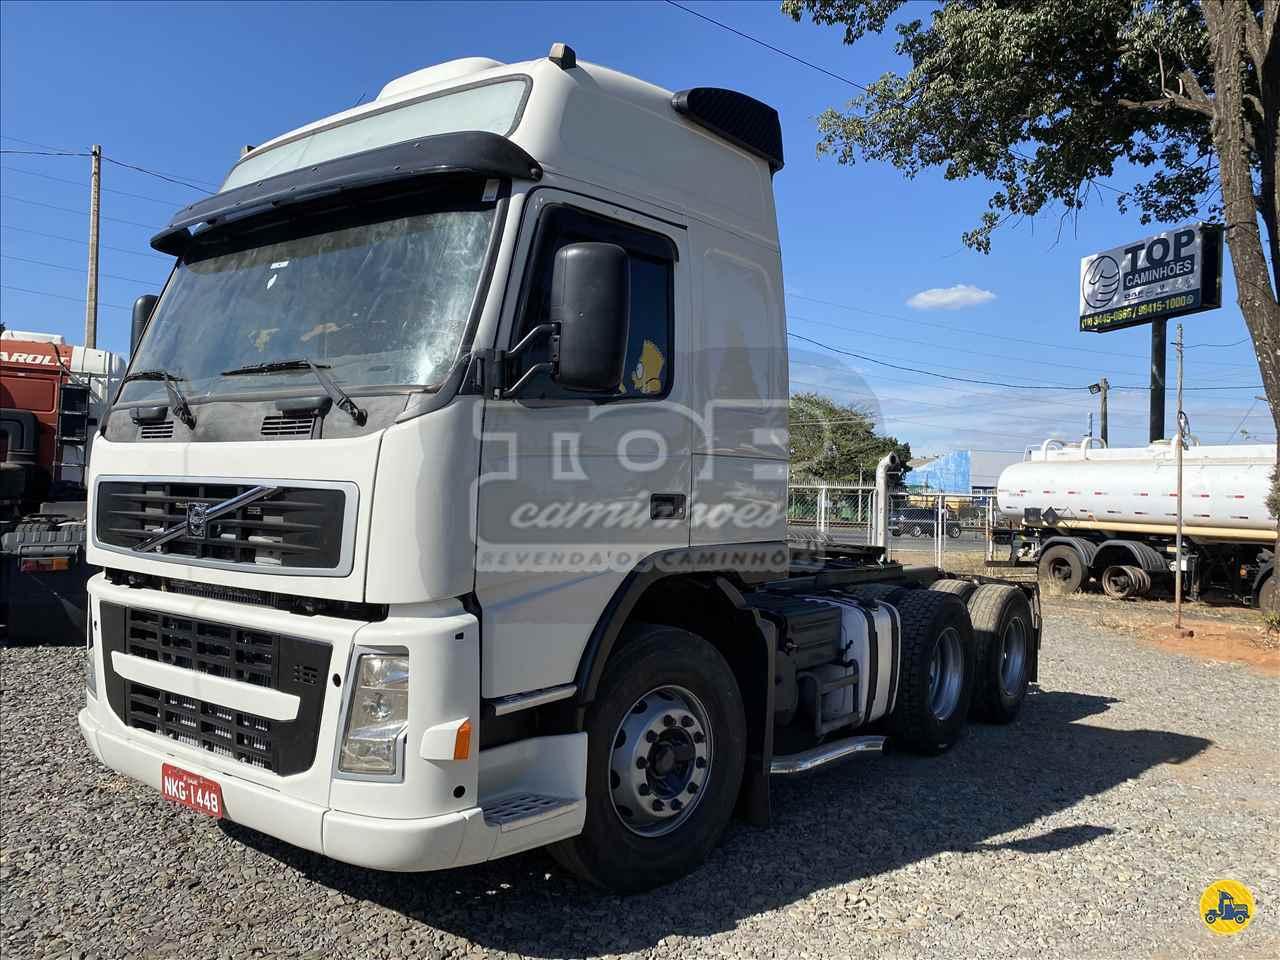 CAMINHAO VOLVO VOLVO FM 370 Cavalo Mecânico Truck 6x2 Top Caminhões SP  LIMEIRA SÃO PAULO SP